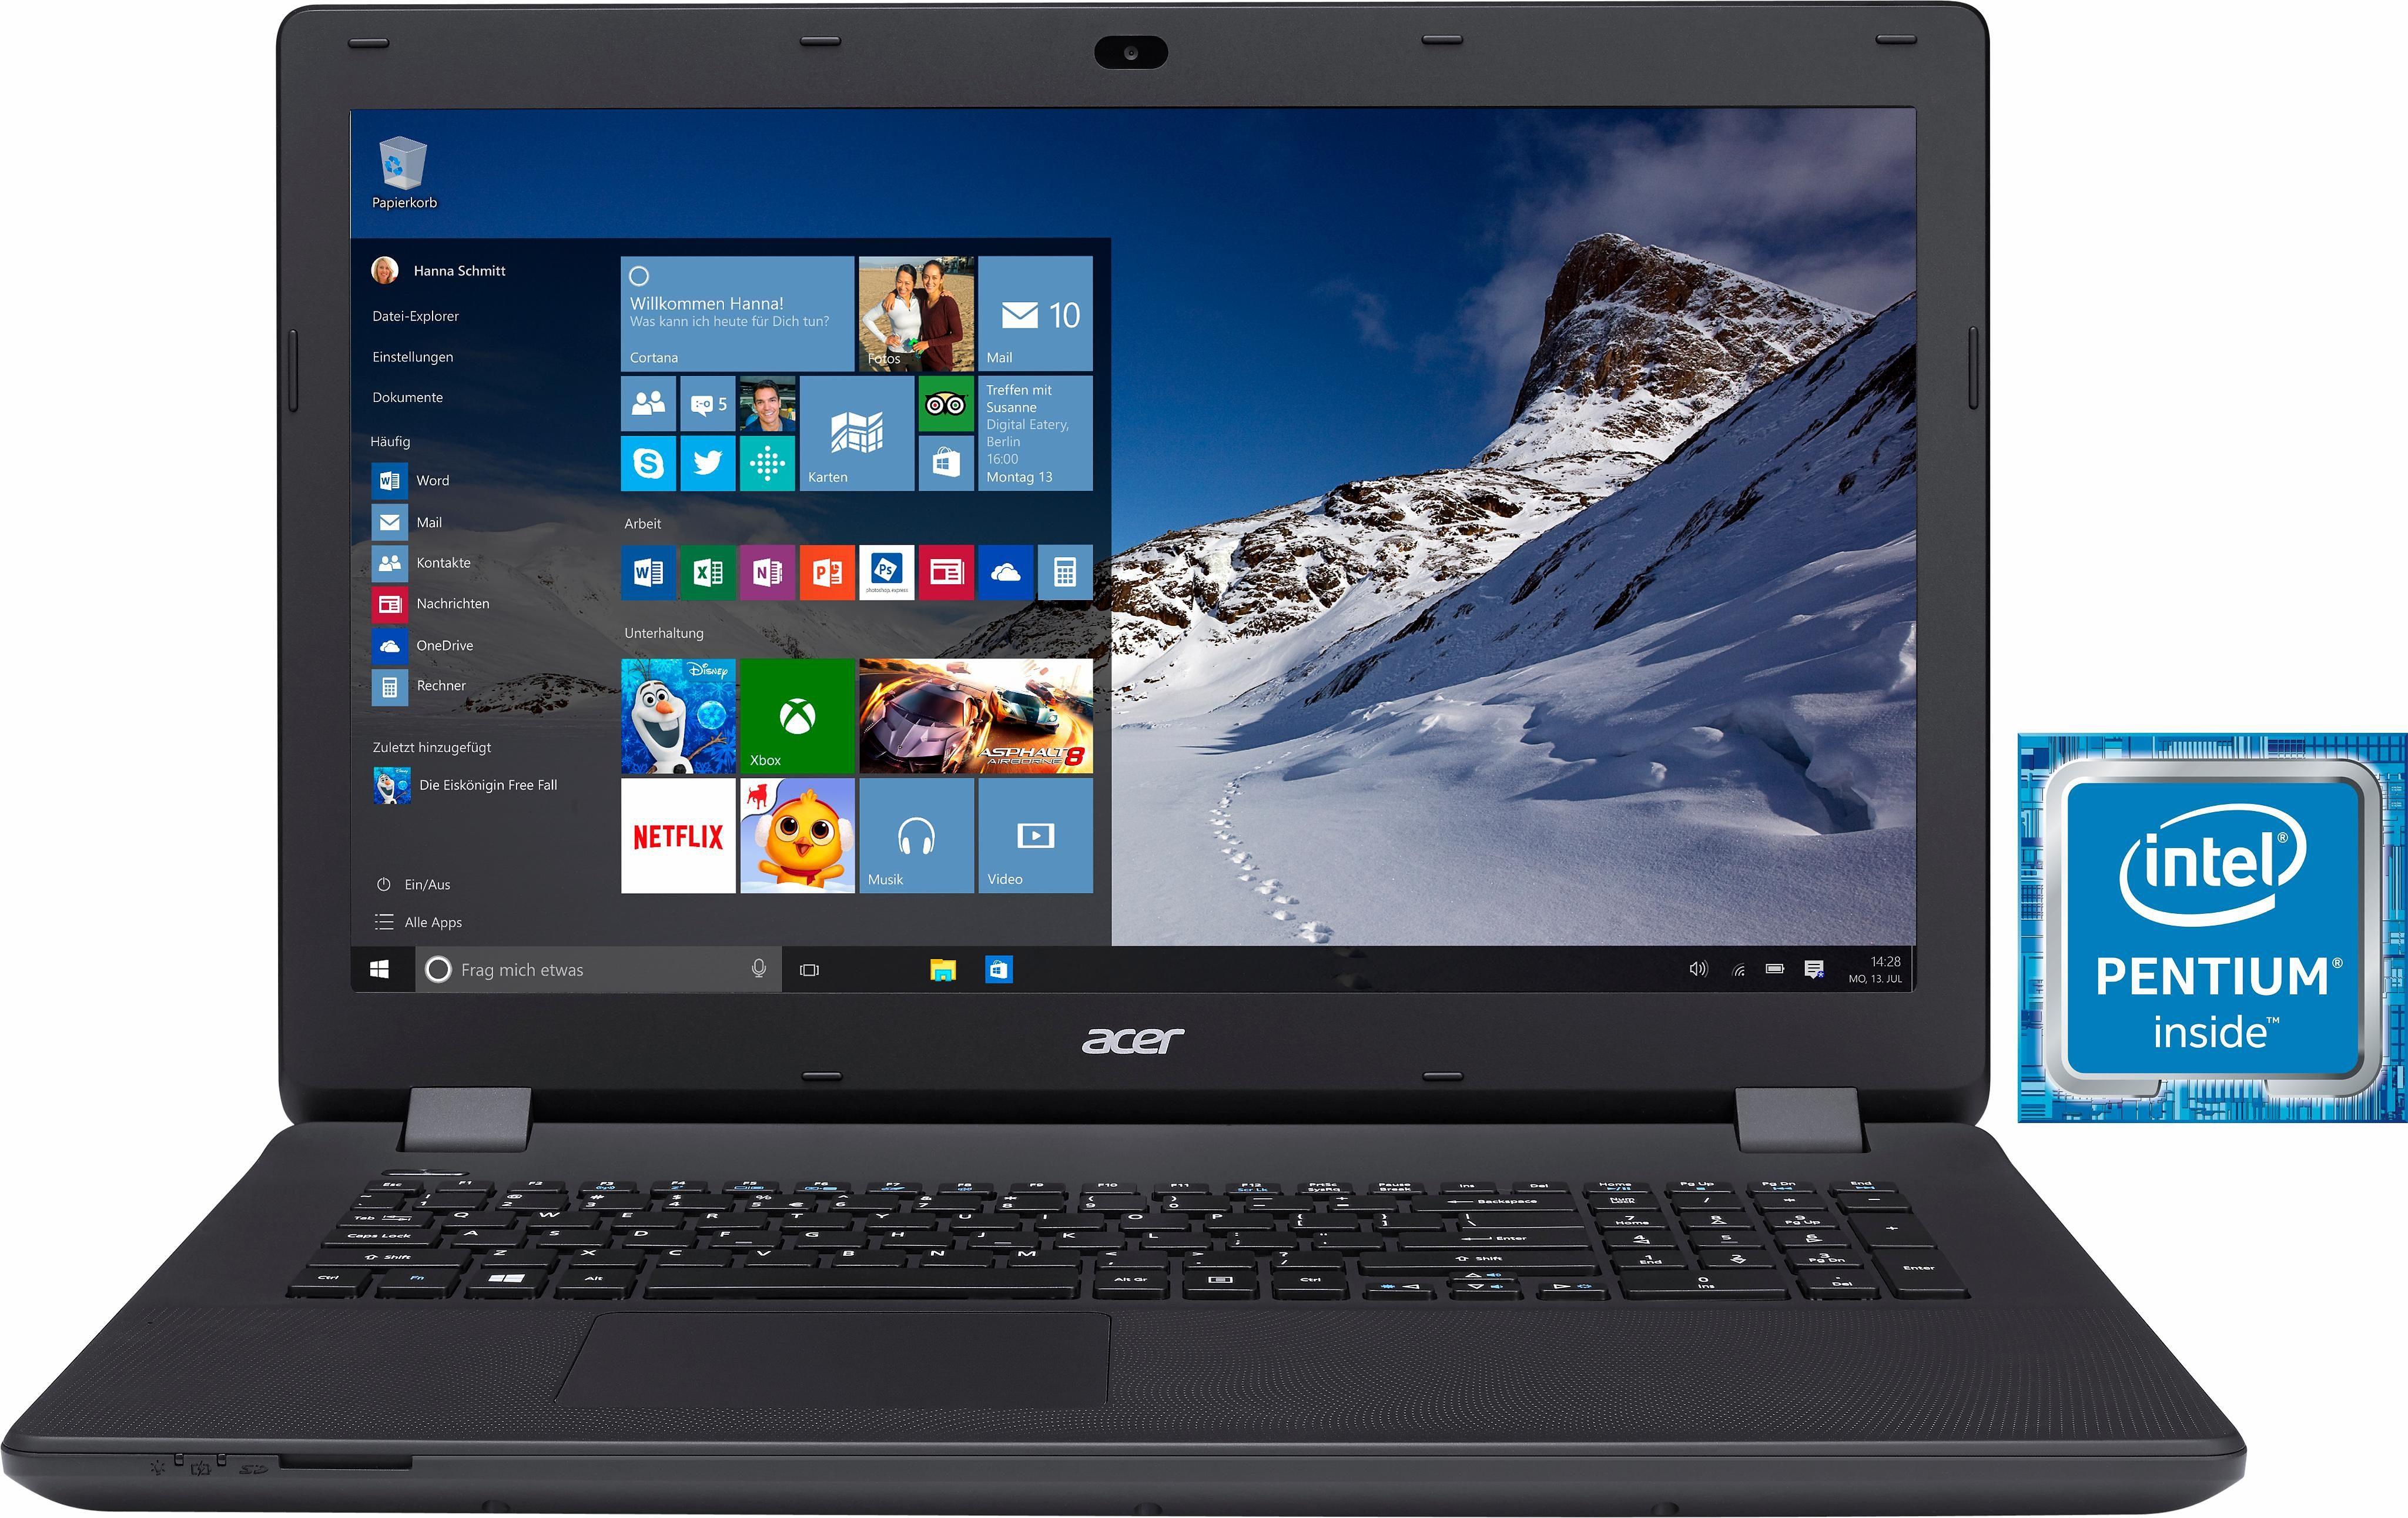 Acer Aspire ES1-731G-P27Y Notebook, Intel® Pentium™, 43,9 cm (17,3 Zoll), 1000 GB Speicher